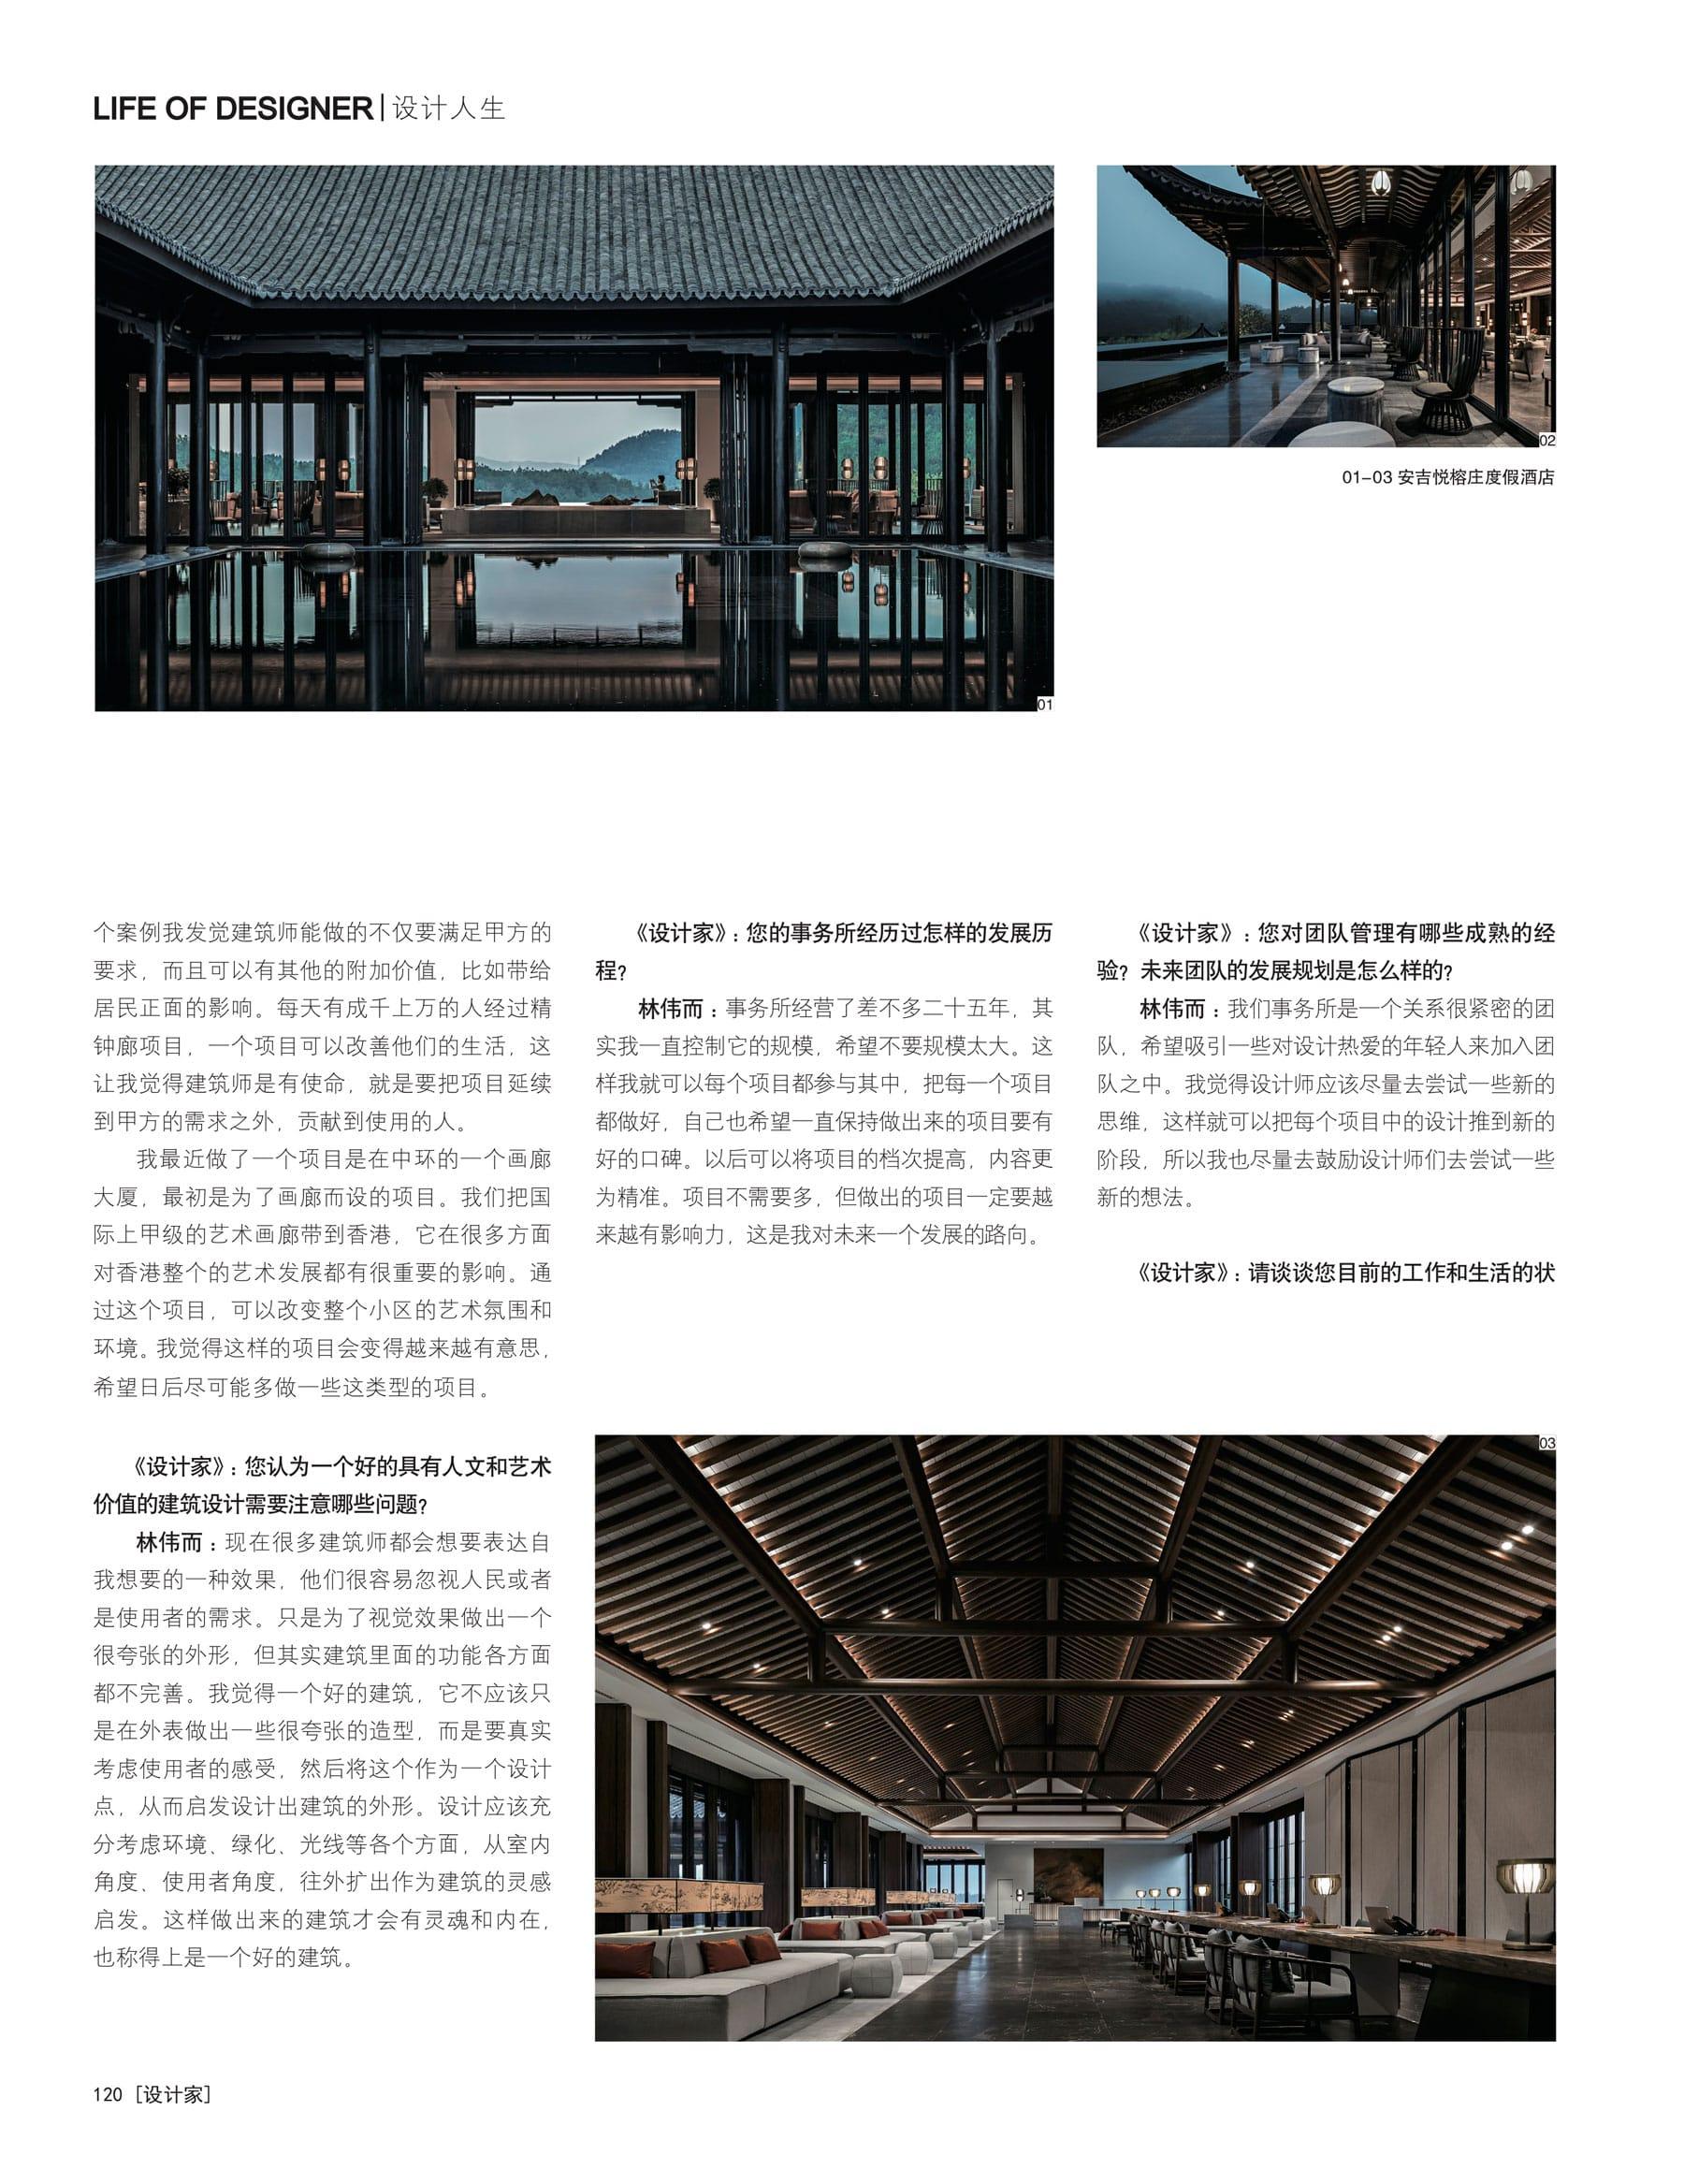 201809-《设计家》-林伟而专访-(安吉悦榕2.jpg